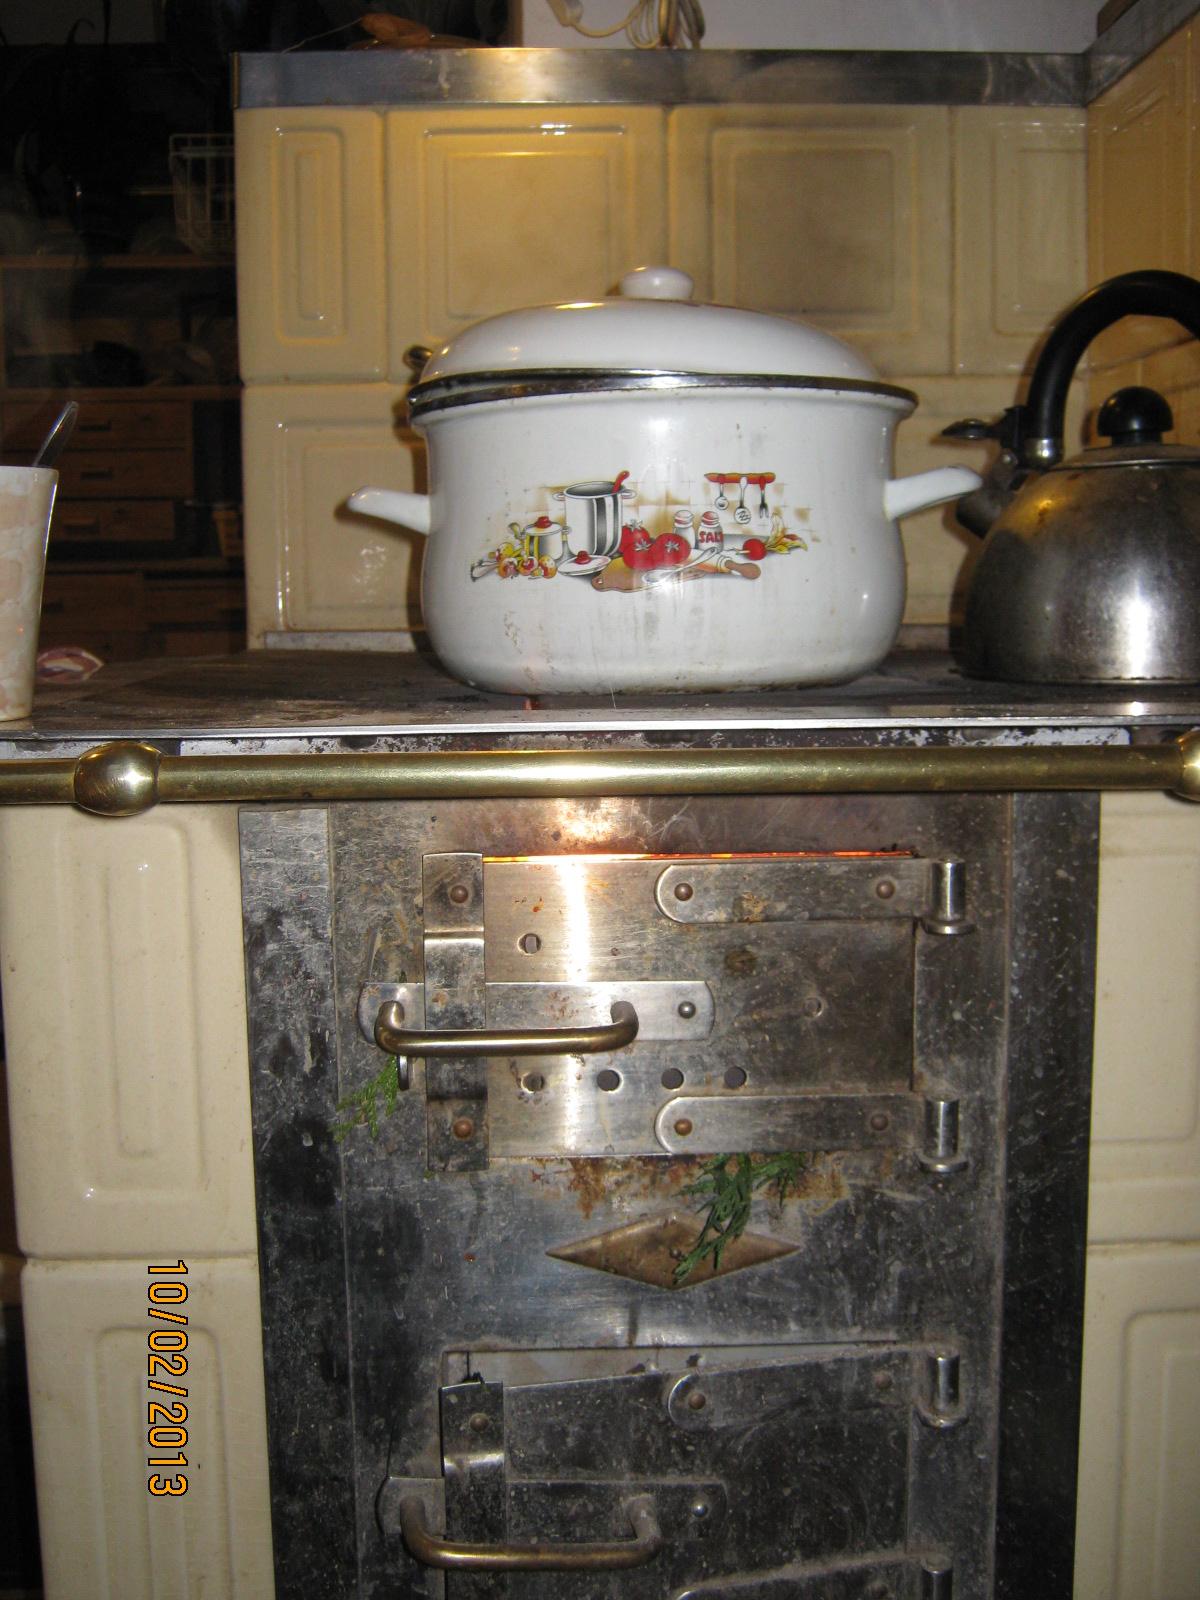 Wystarczy chcieć  lutego 2013 -> Kuchnia Amica Nie Pali Palnik